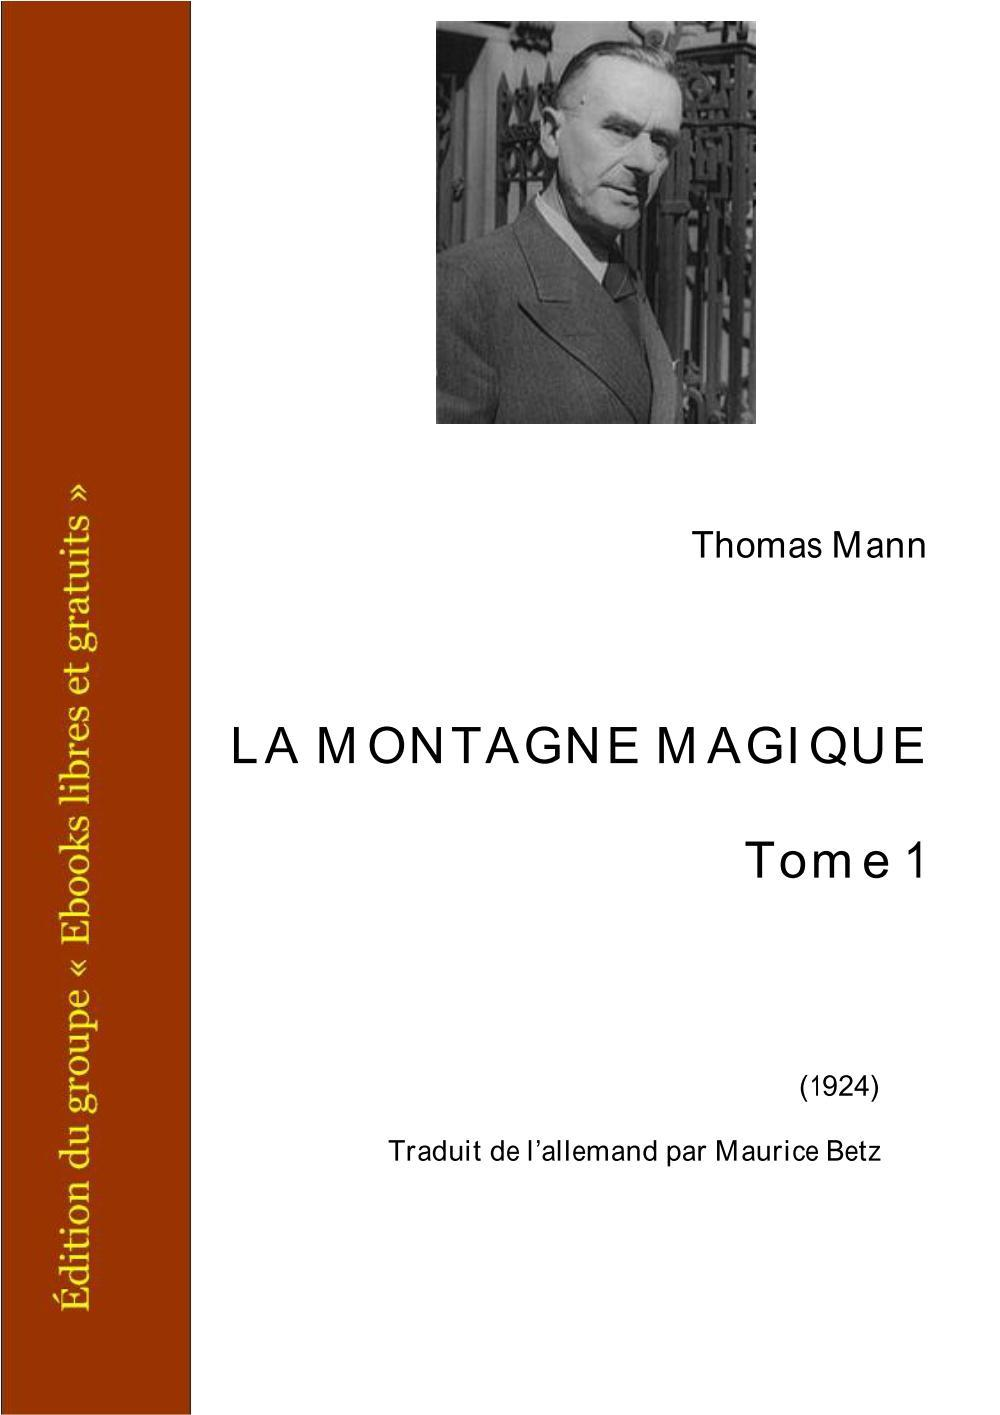 LA MONTAGNE MAGIQUE